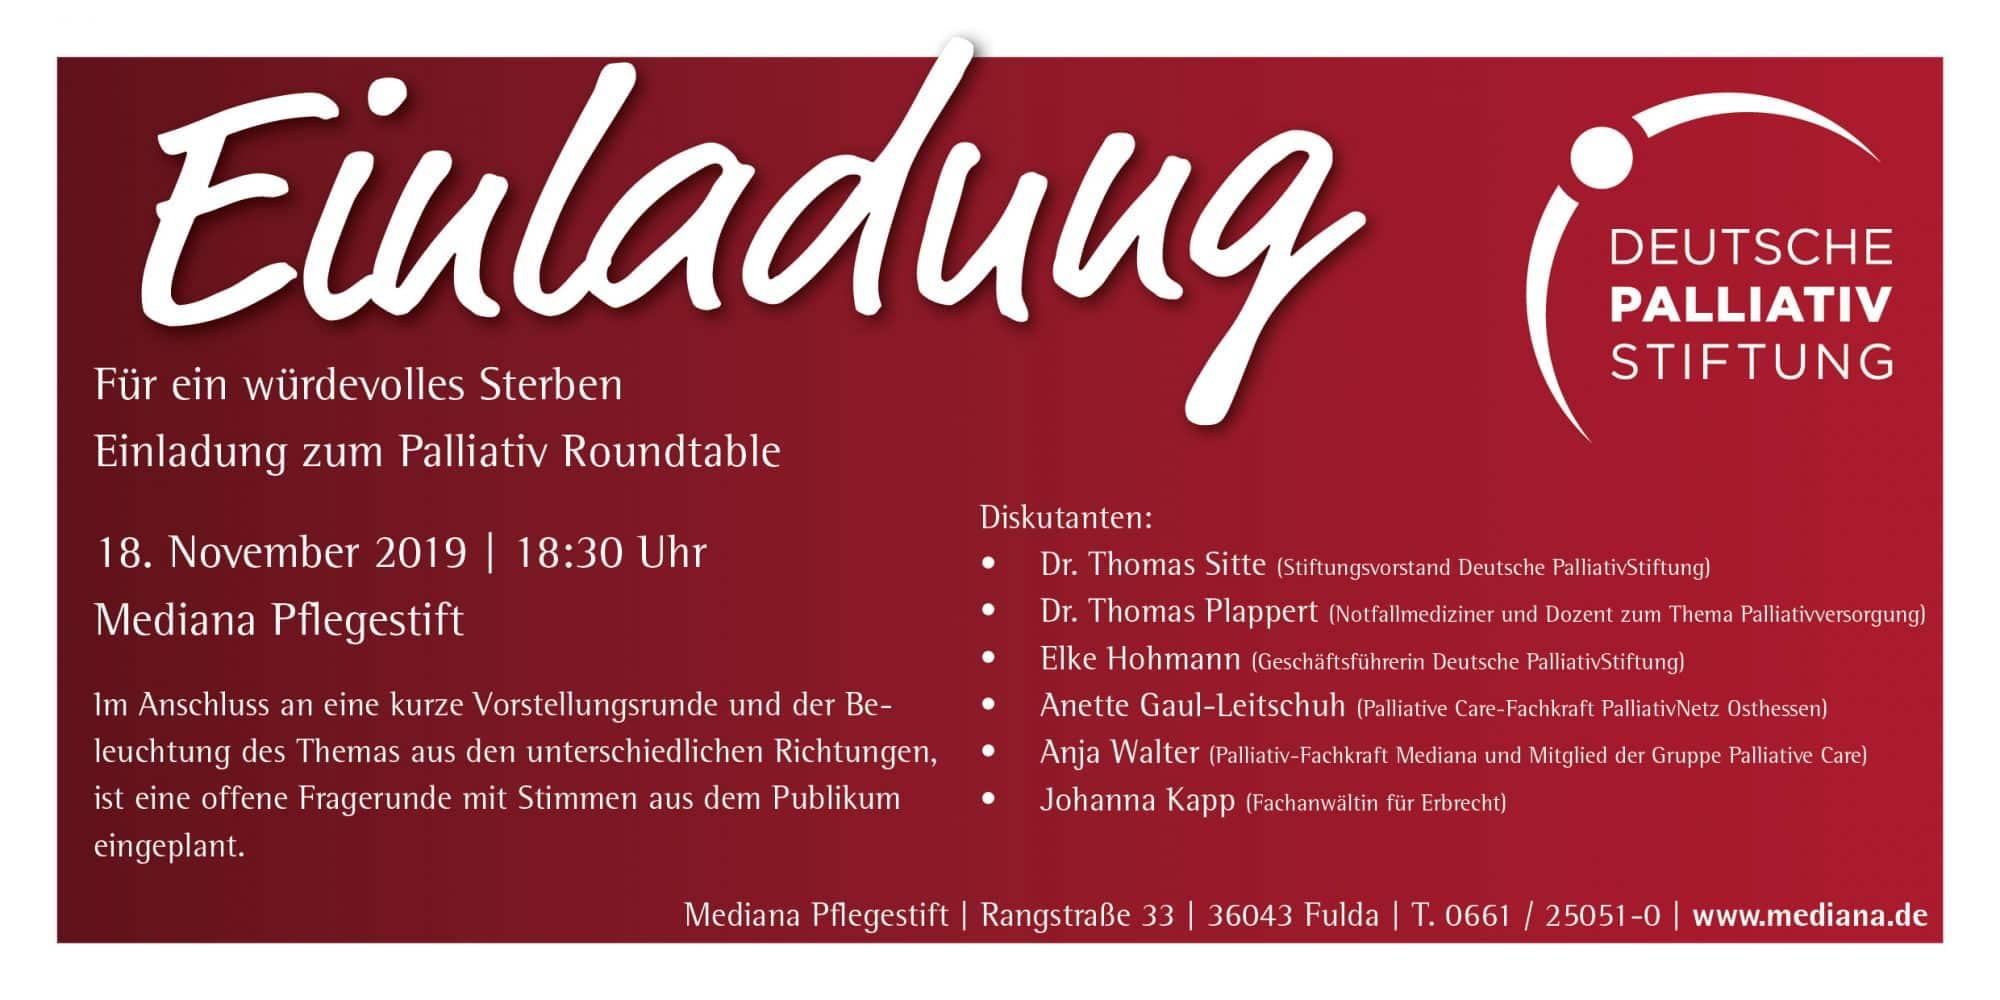 Für ein würdevolles Sterben - Einladung zum Palliativ Roundtable